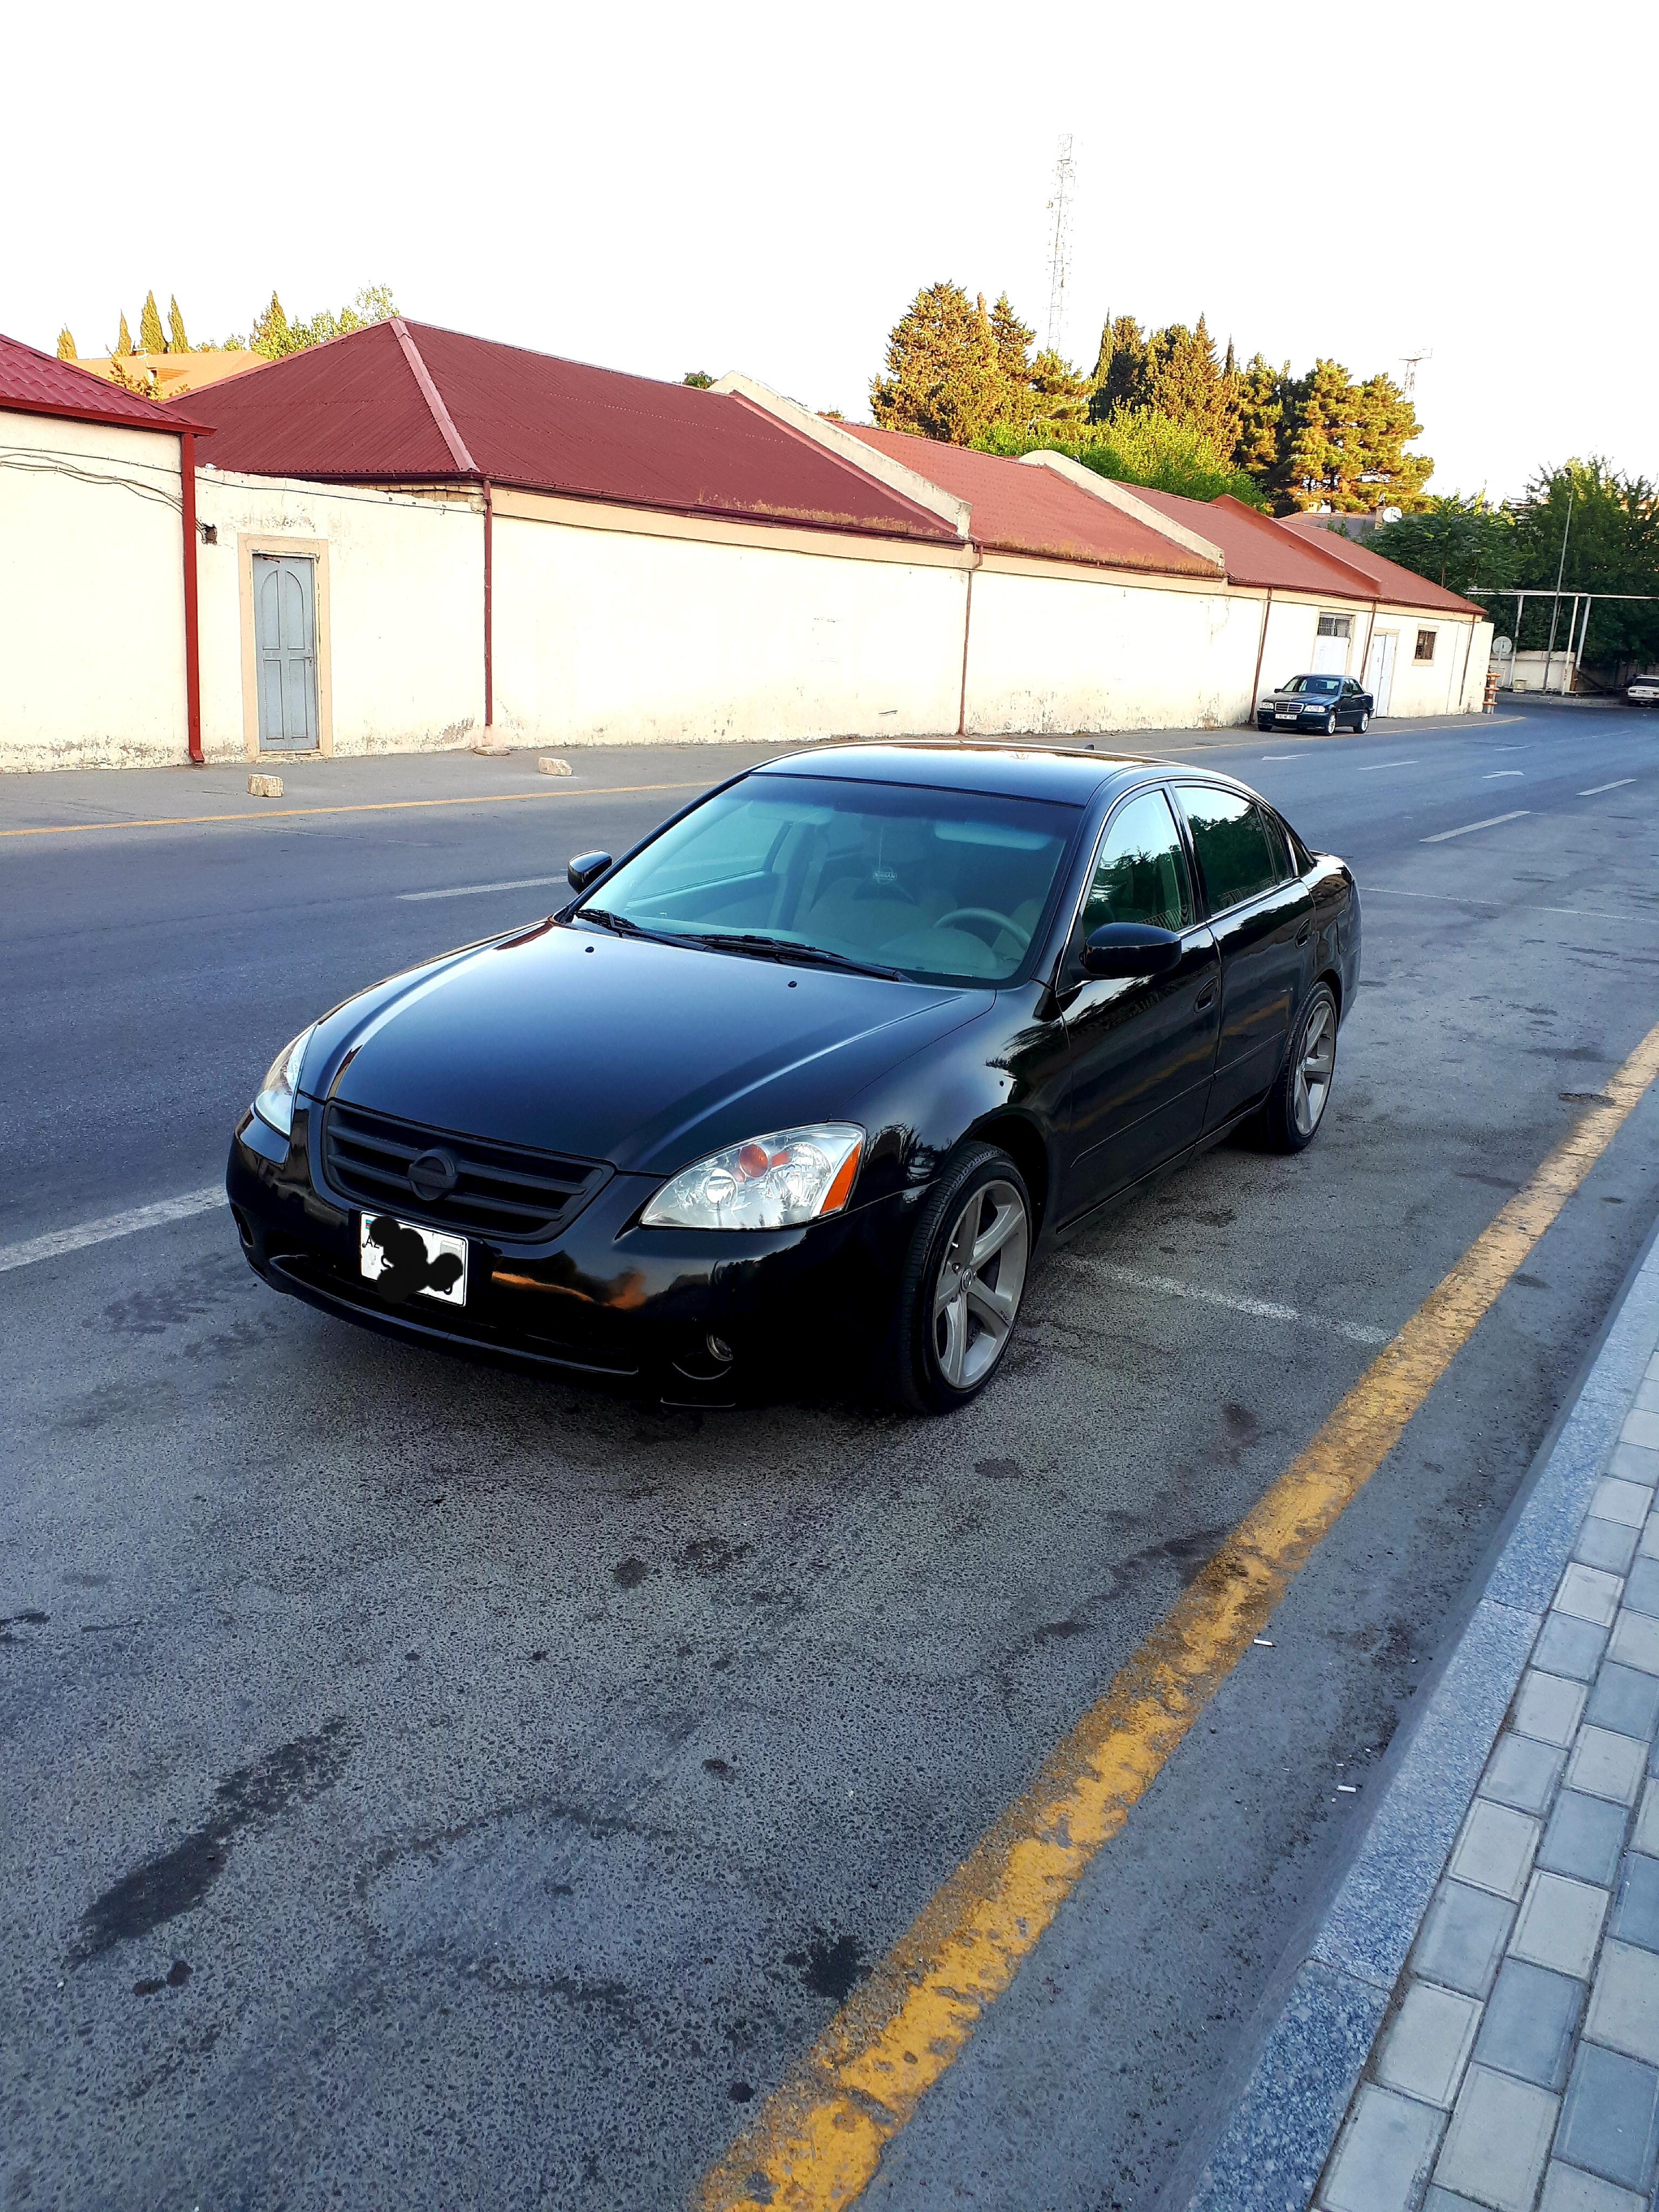 Nissan Altima 2.5(lt) 2005 İkinci əl  $10900